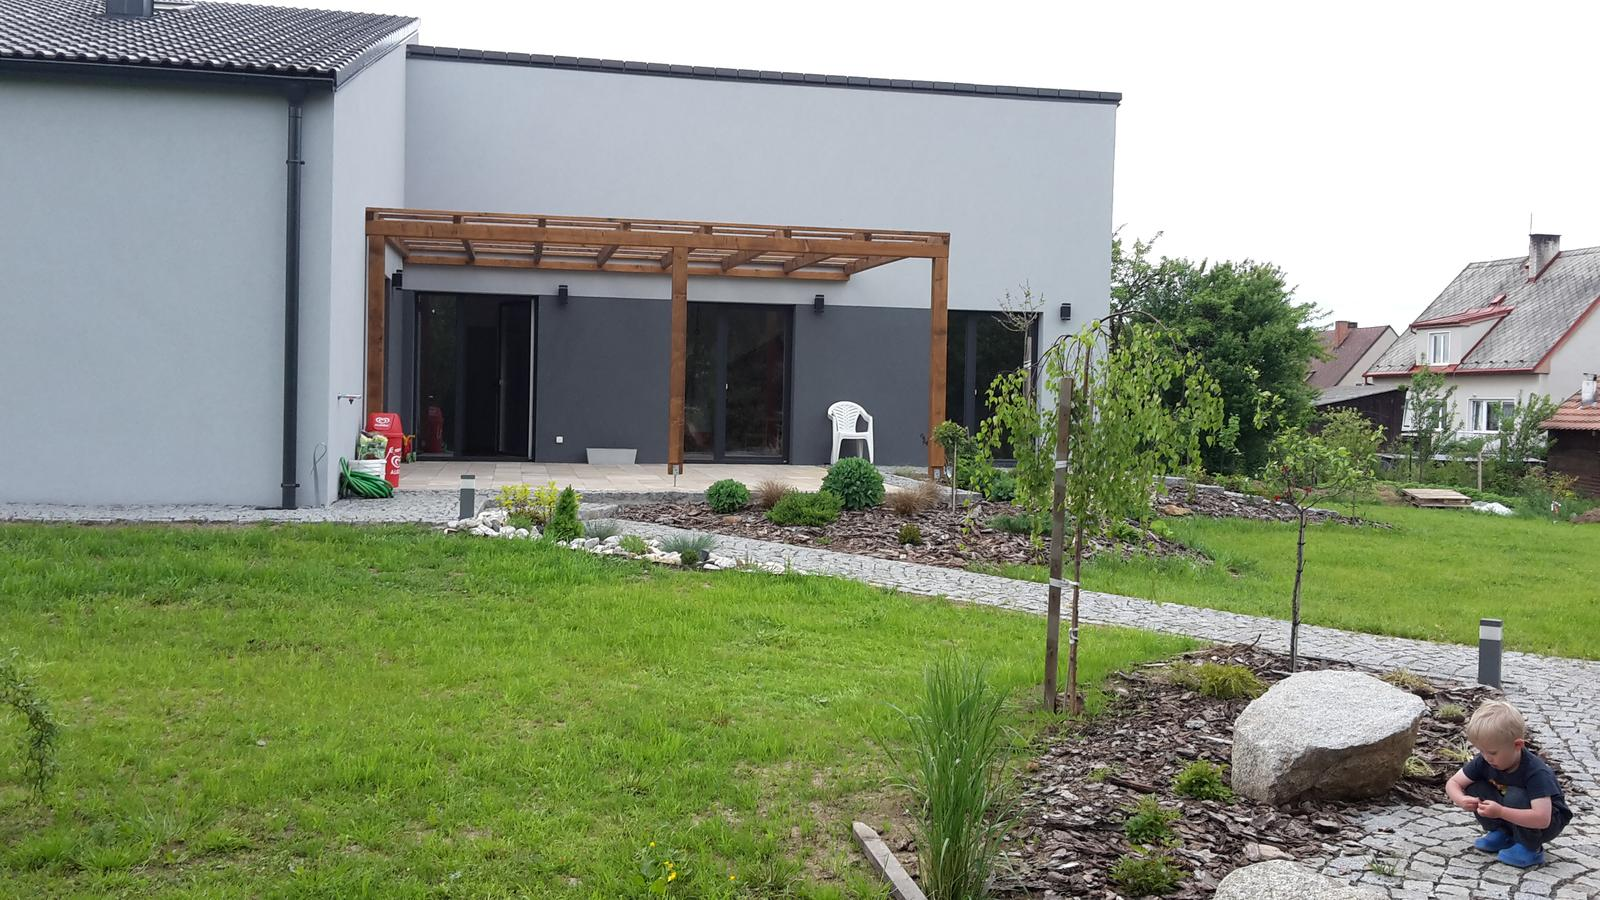 Domeček - Na terase nová pergola, ještě musíme vymyslet , čim ji zastřešit  .